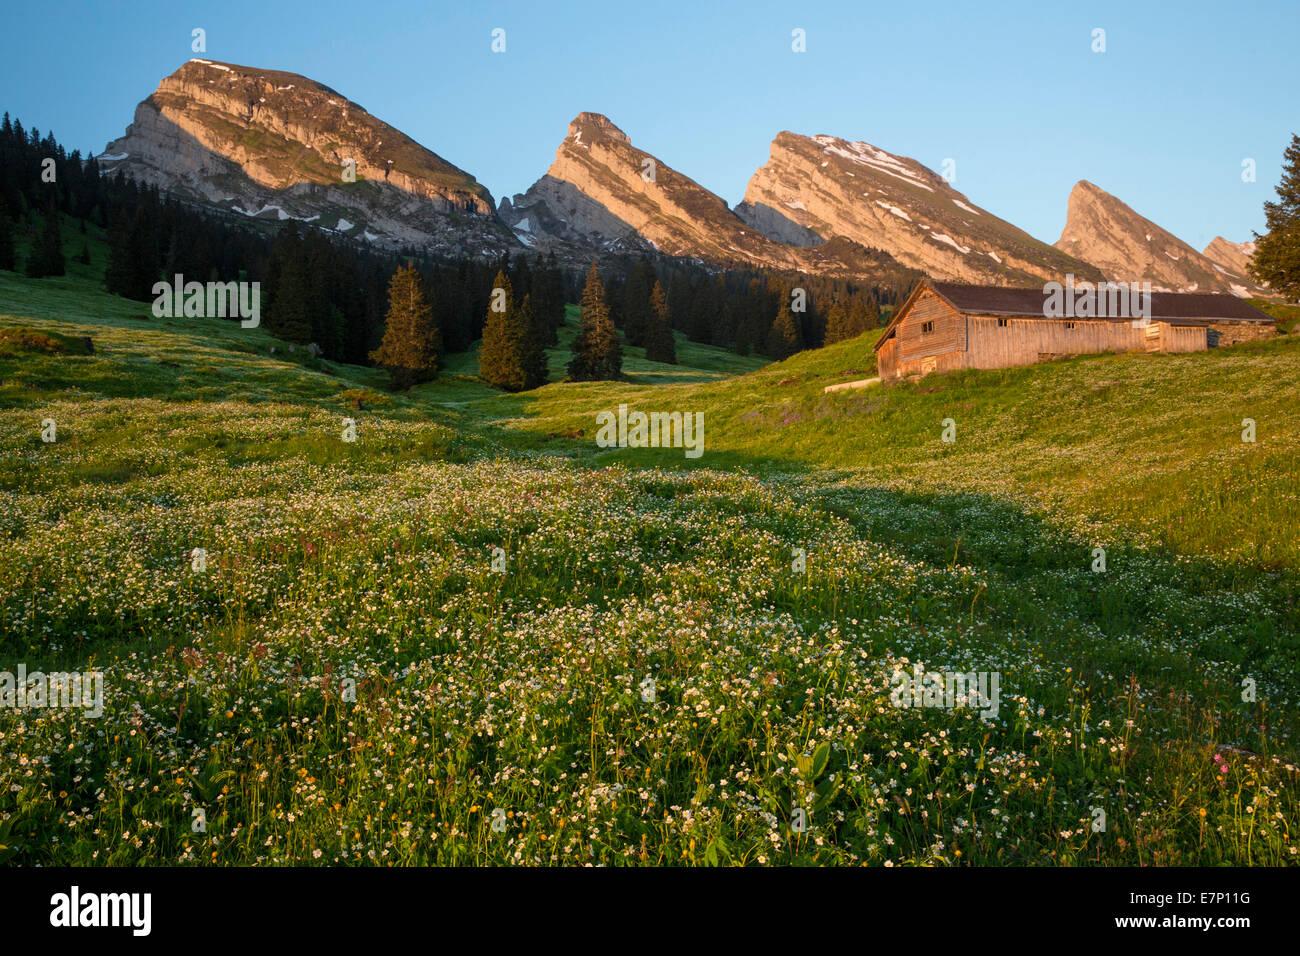 Churfirsten, Alp Sellamatt, Churfirsten, mountain, mountains, flower, flowers, SG, canton St. Gallen, Toggenburg, - Stock Image